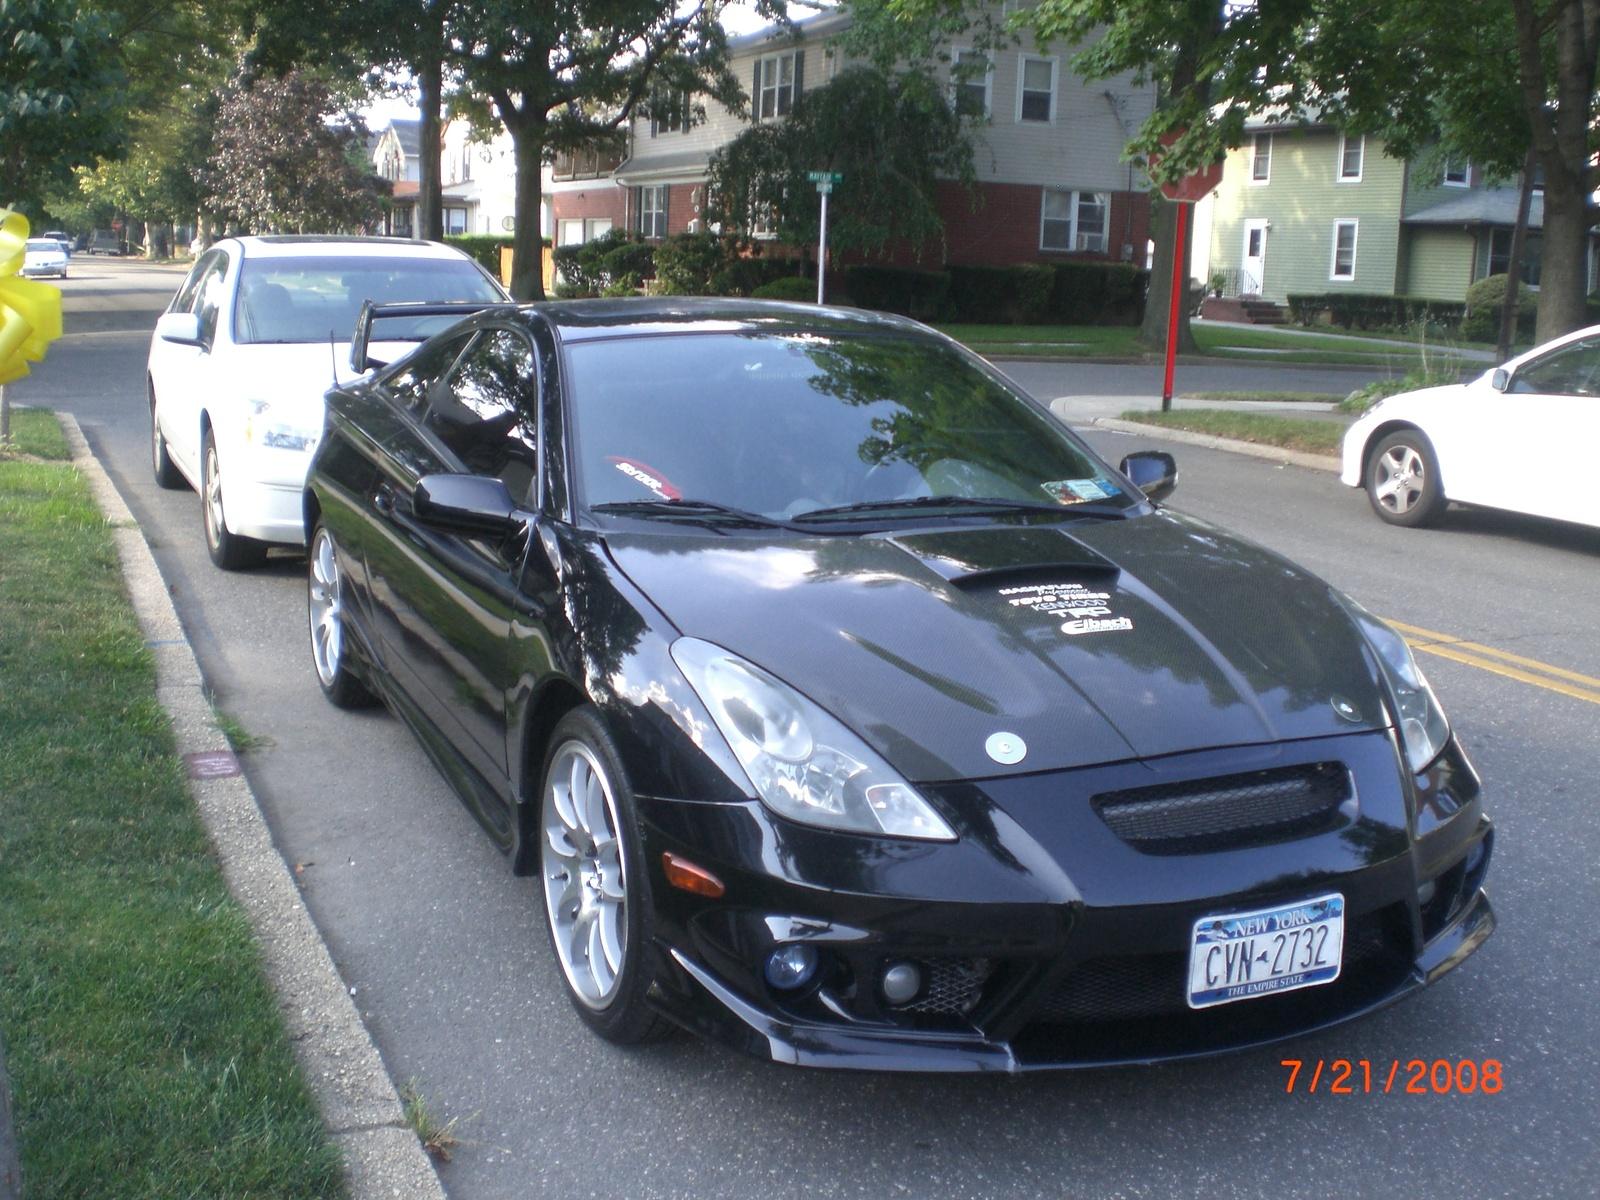 2003 Toyota Celica #4 Toyota Celica #4